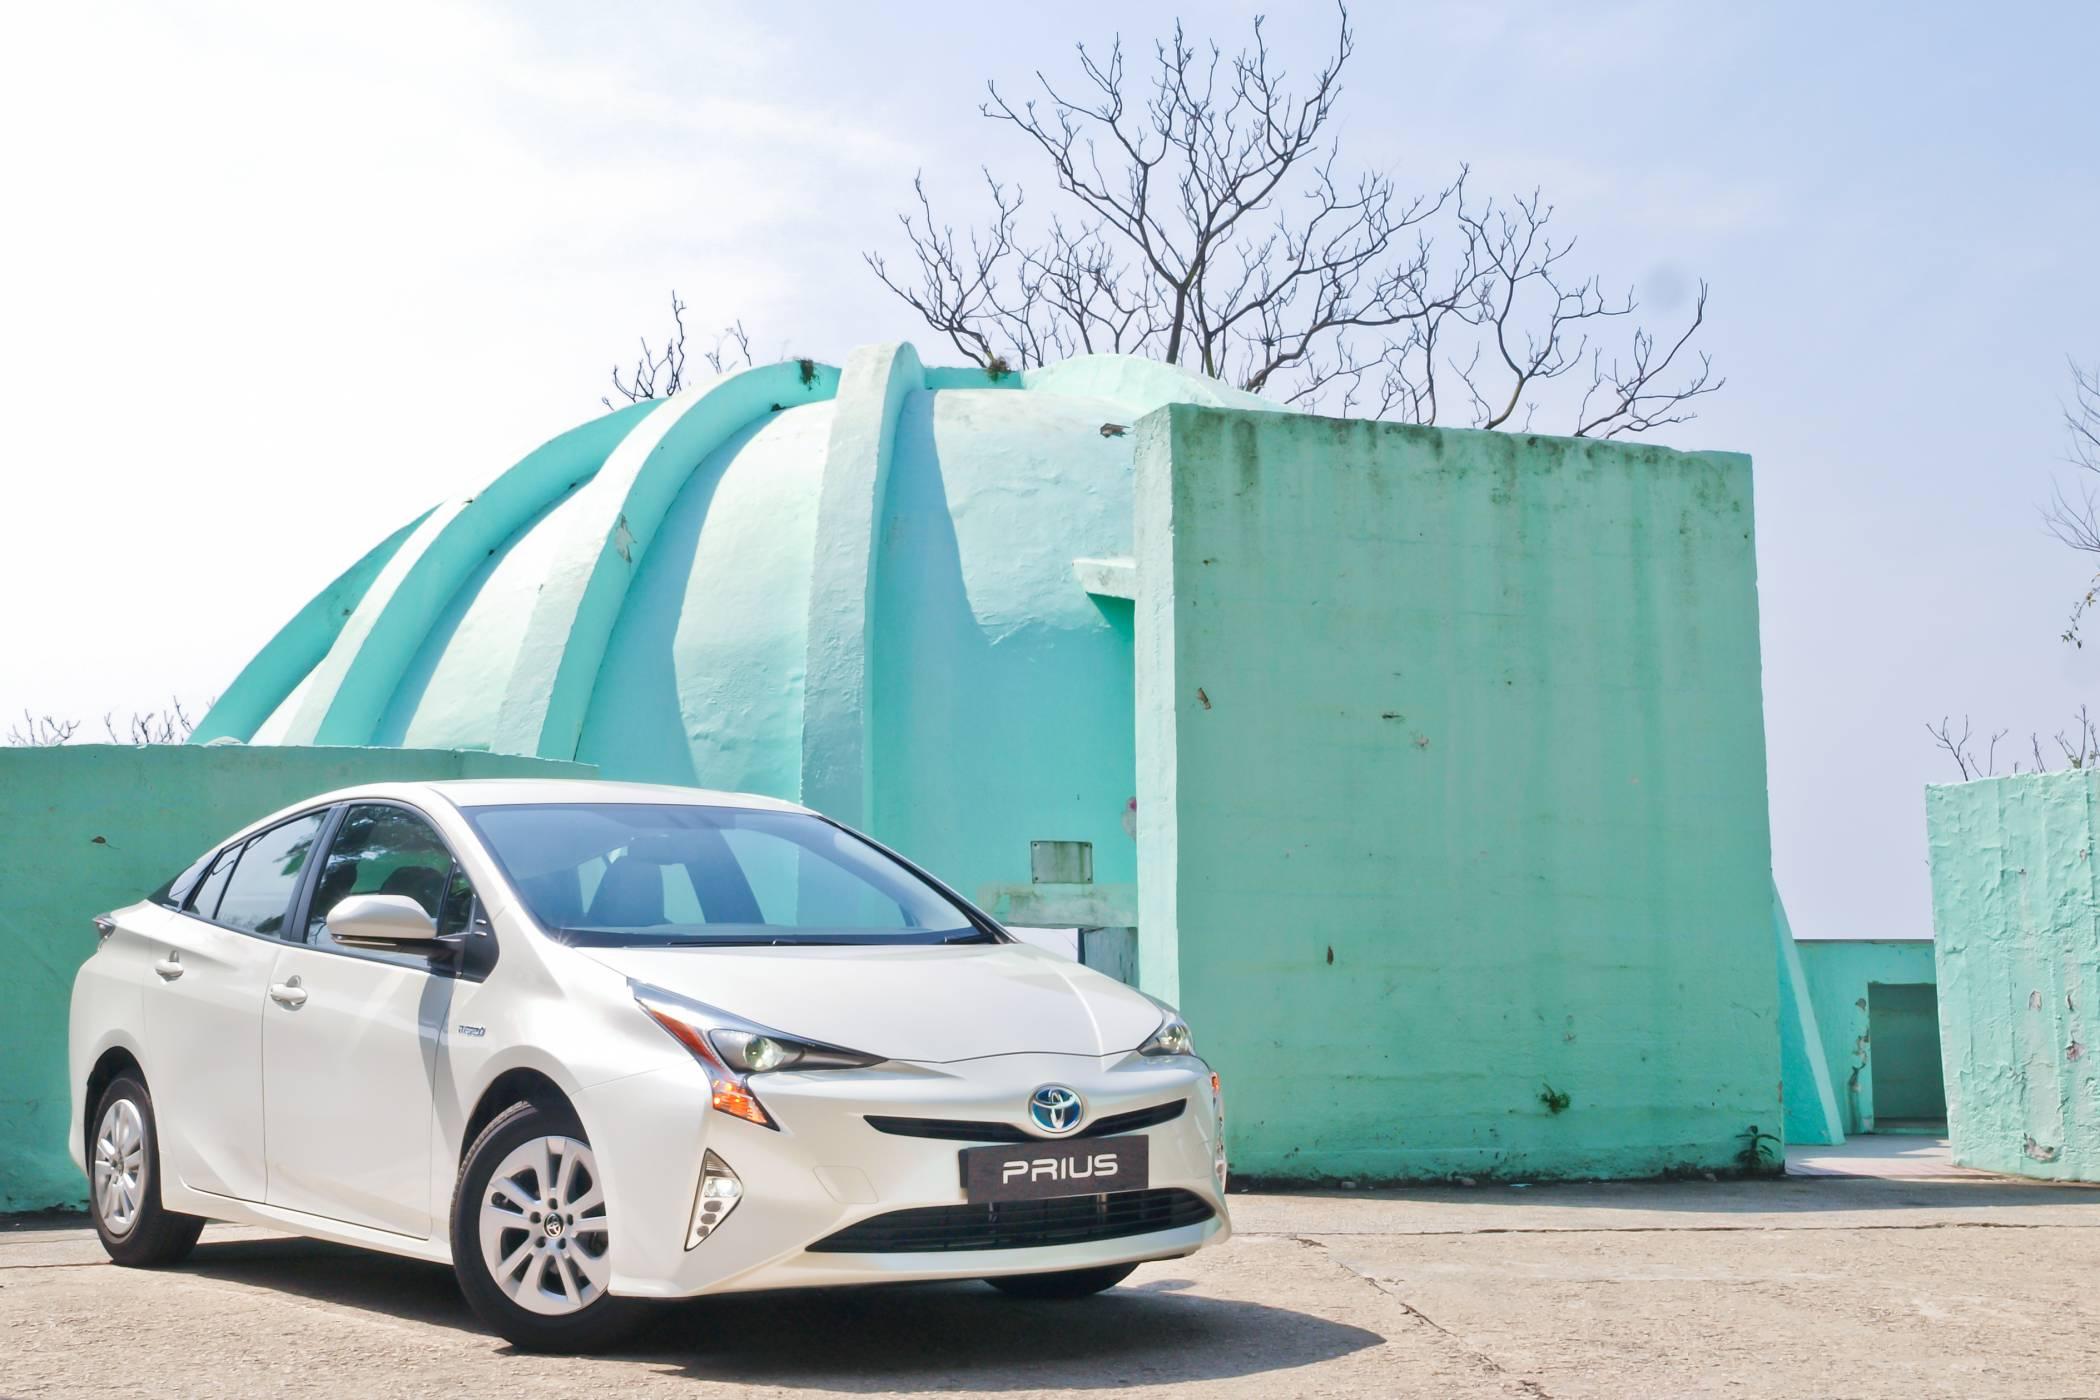 Toyota връща 752 000 автомобила в сервиза заради софтуерен проблем